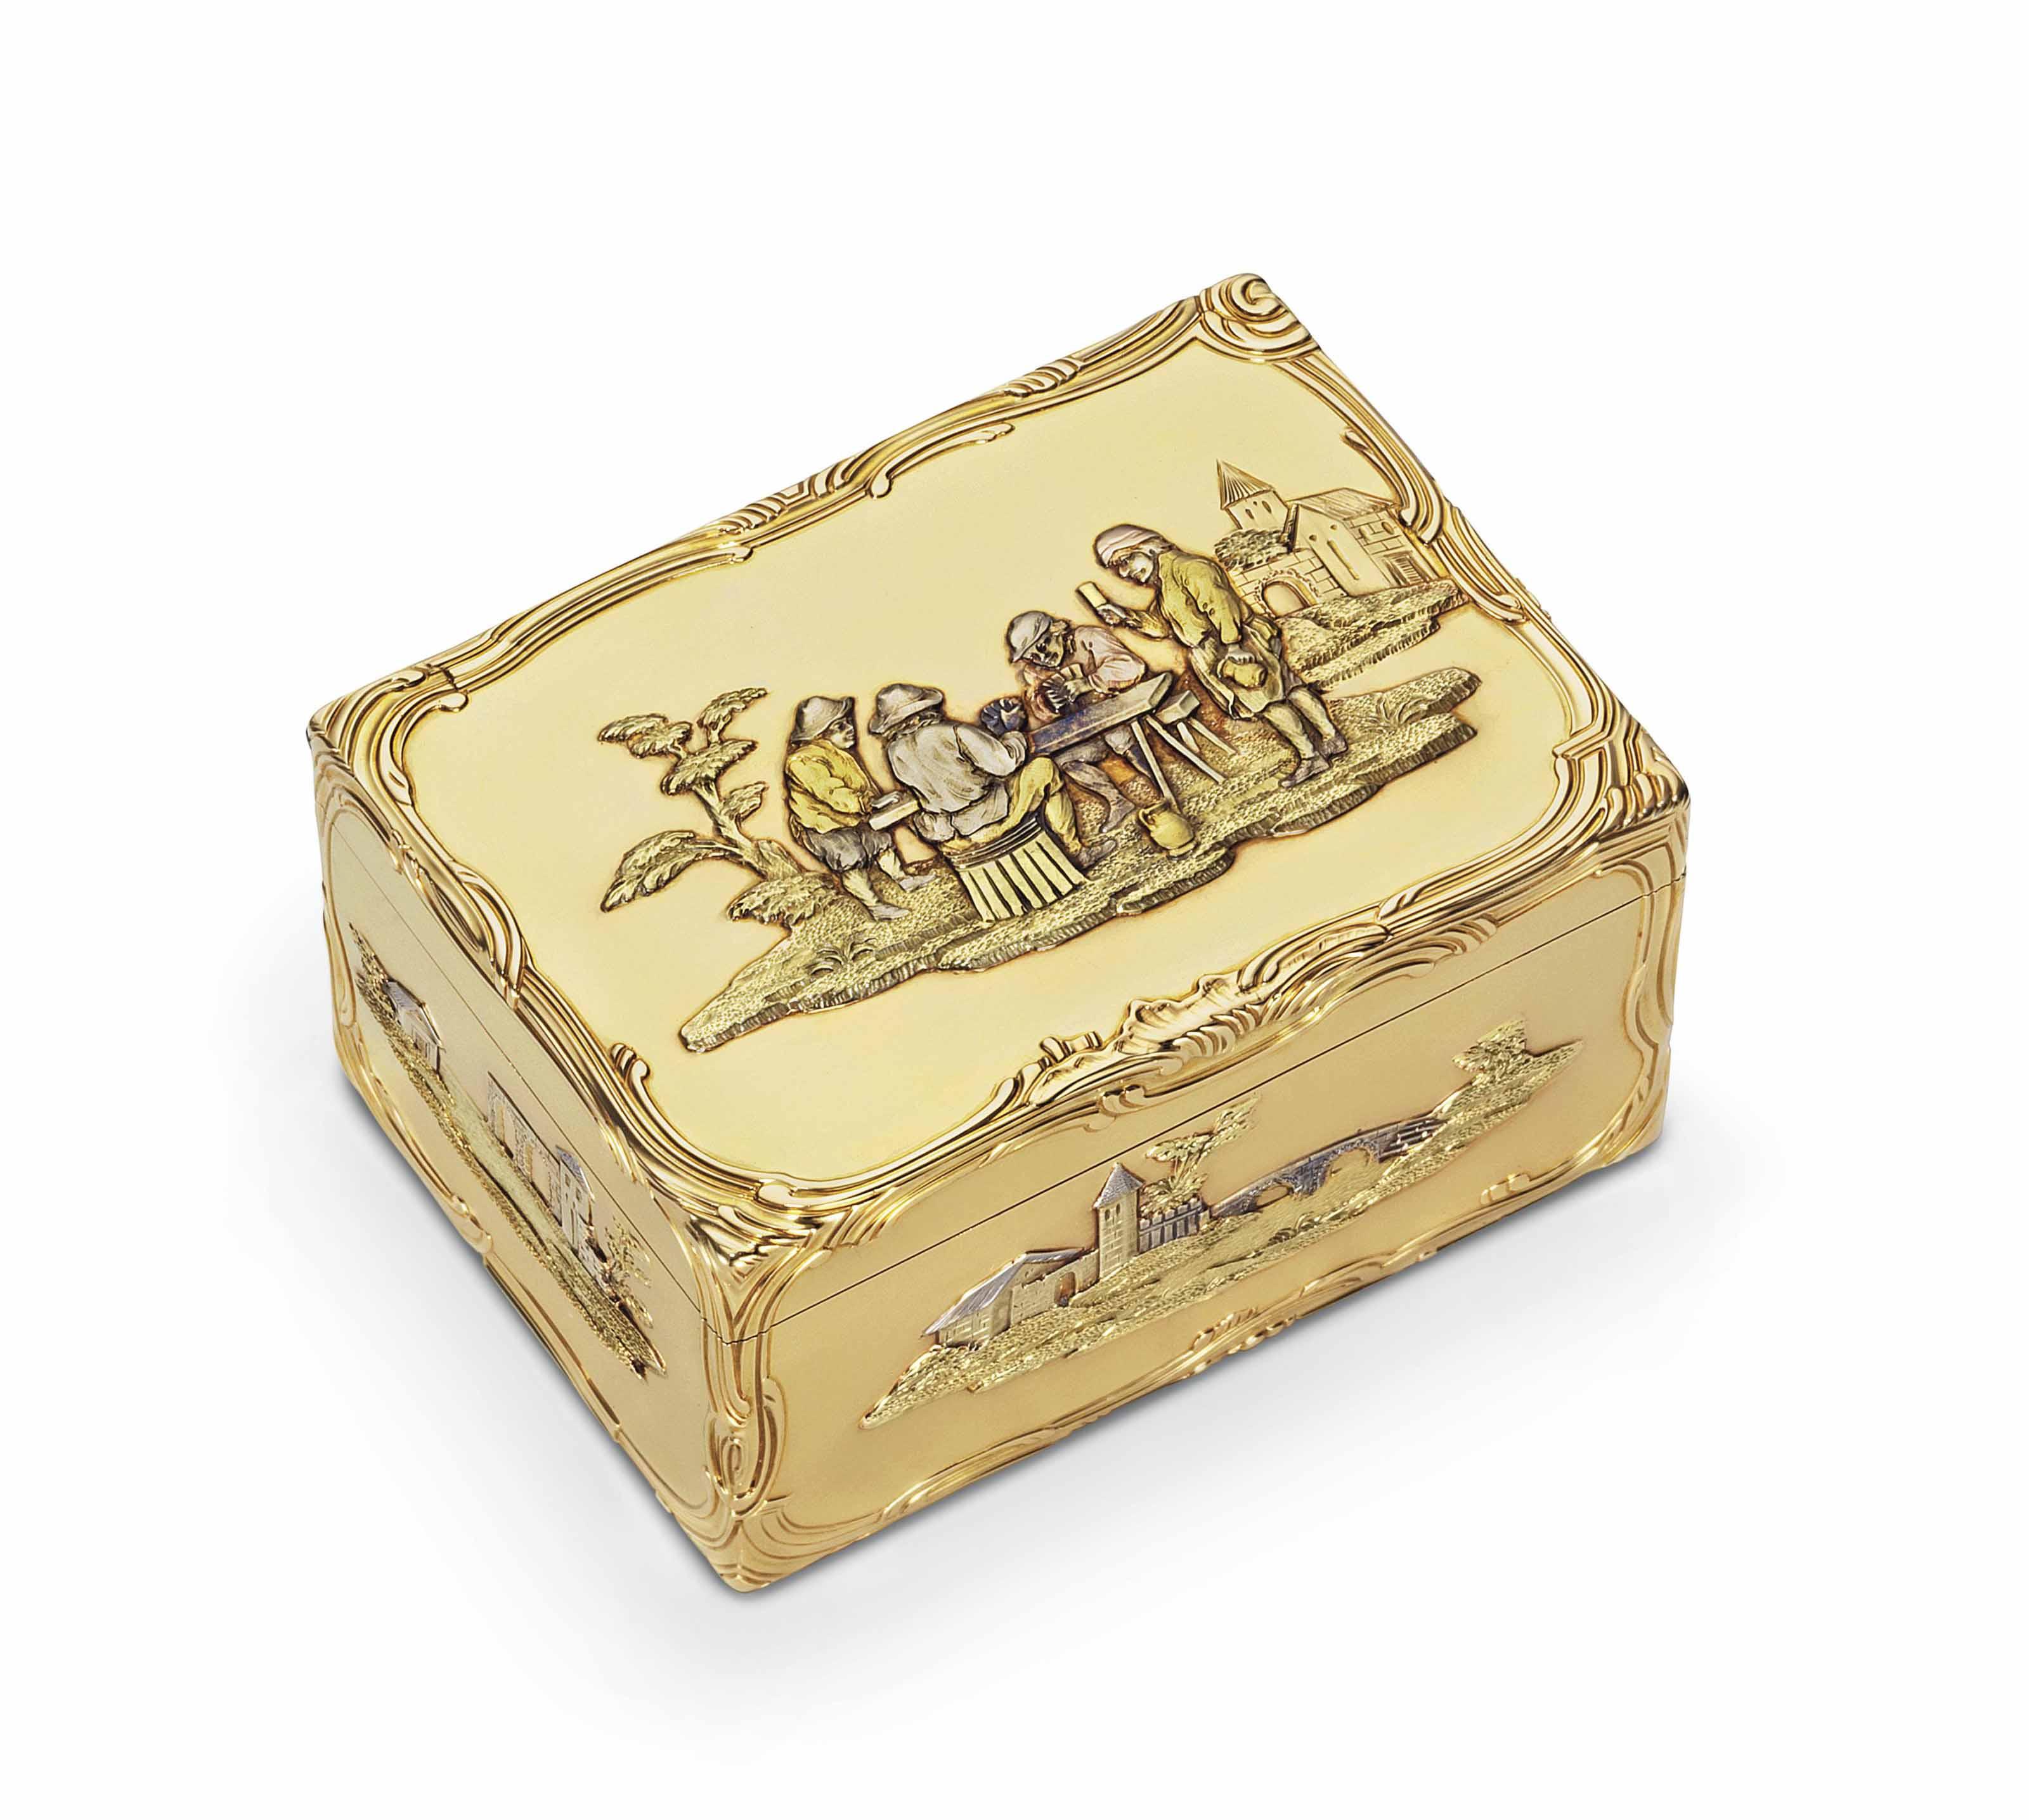 AN IMPORTANT LOUIS XV VARI-COLOUR GOLD SNUFF-BOX